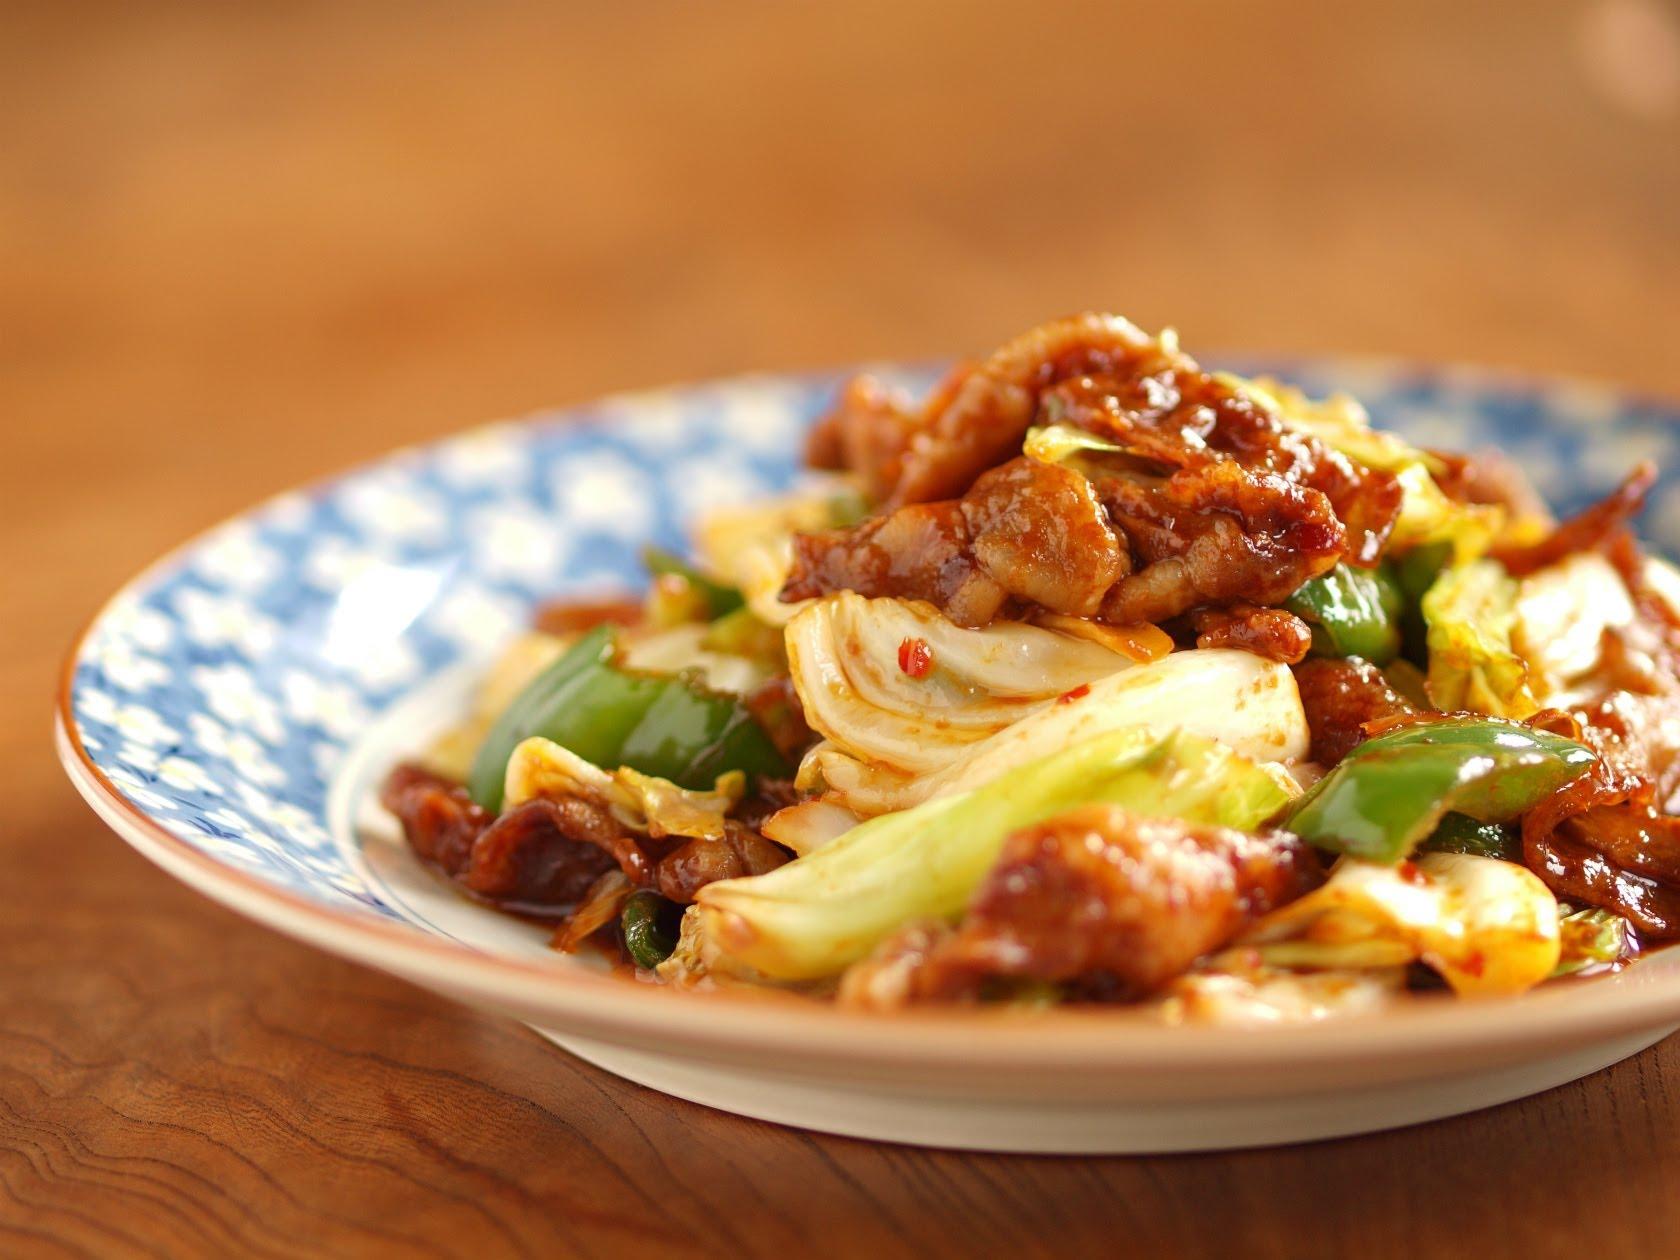 家庭でも本格的に作れる!回鍋肉の美味しいレシピをご紹介♪のサムネイル画像